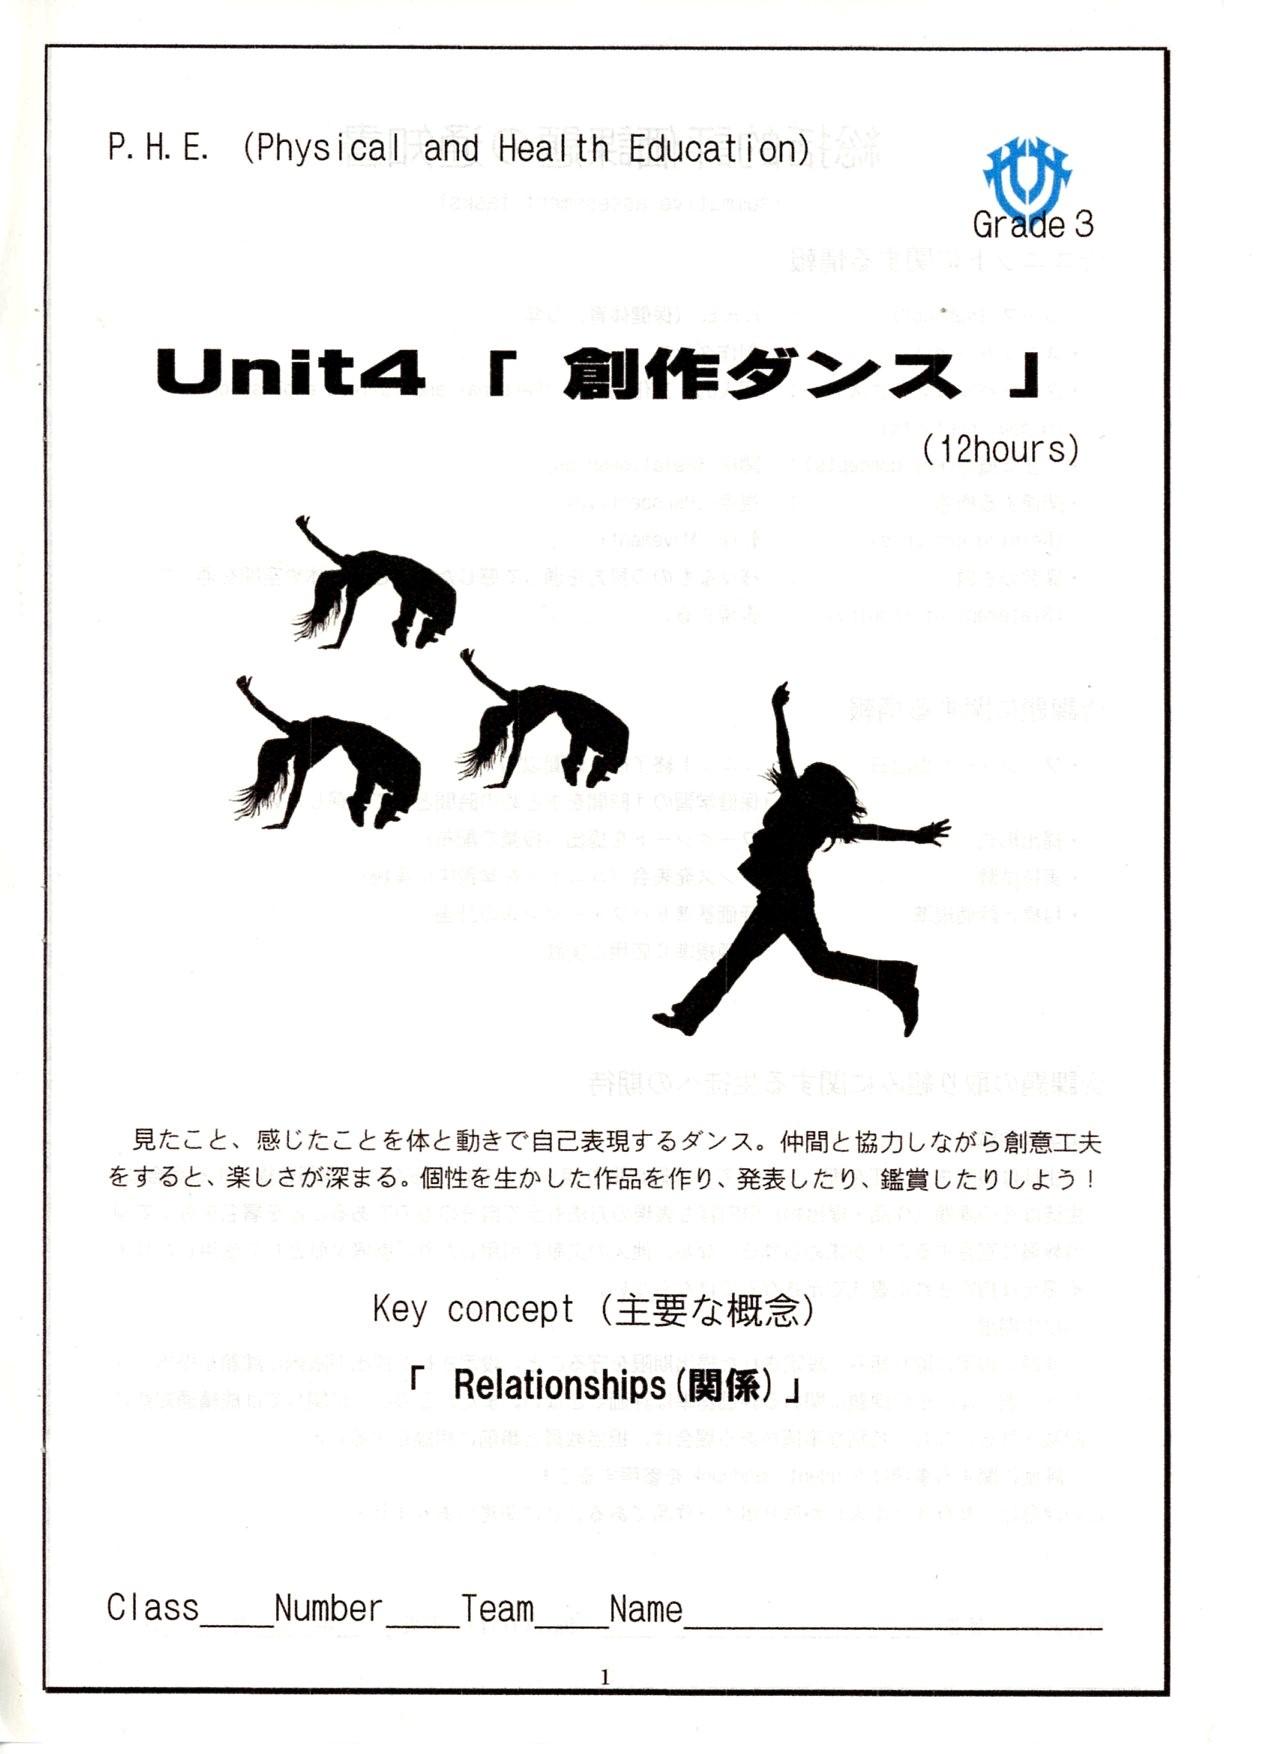 '창작 춤' 활동지 표지 가이세이 중등교육학교 3학년 체육수업에 활용한 '창작 춤' 활동지 표지.